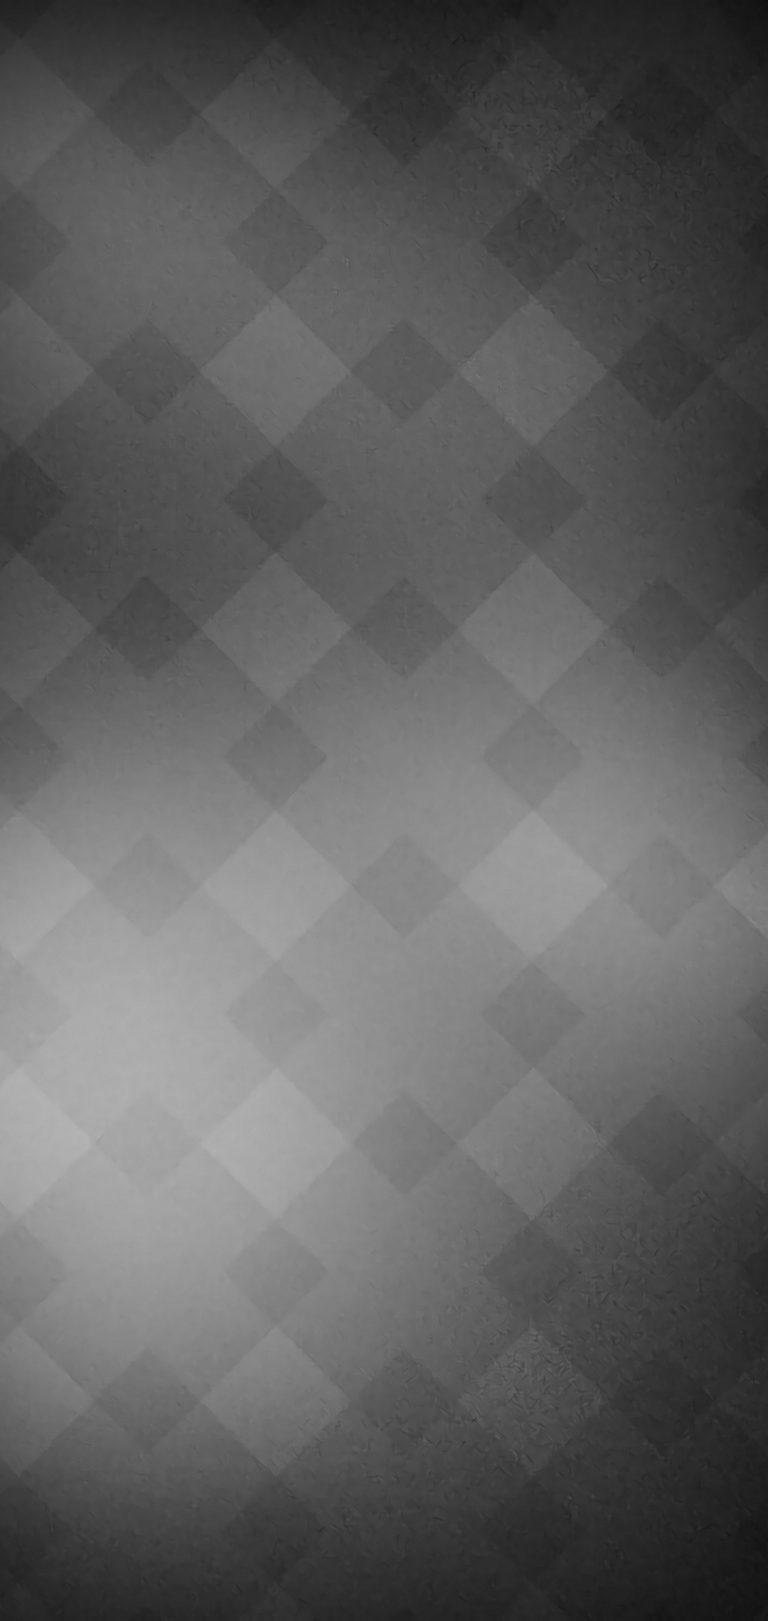 1080x2280 Wallpaper 083 768x1621